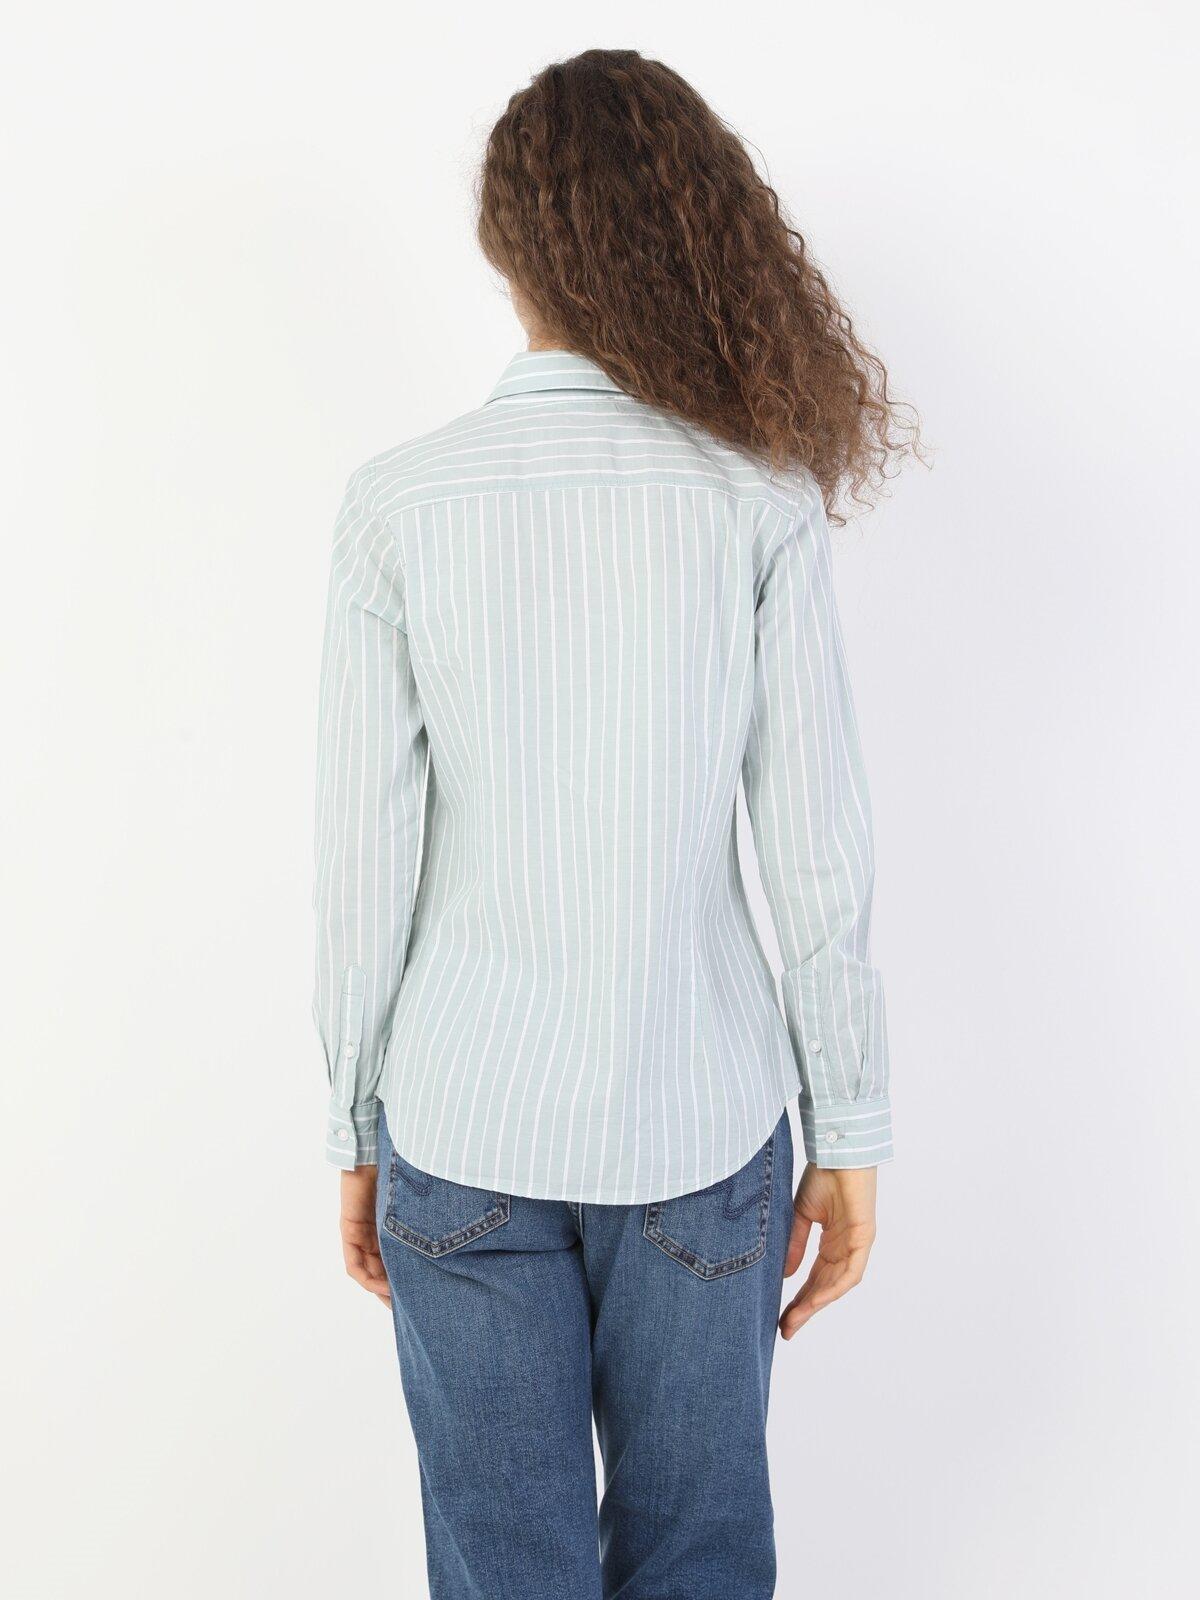 Super Slim Fit Shirt Neck Kadın Mint Yeşili Uzun Kol Gömlek